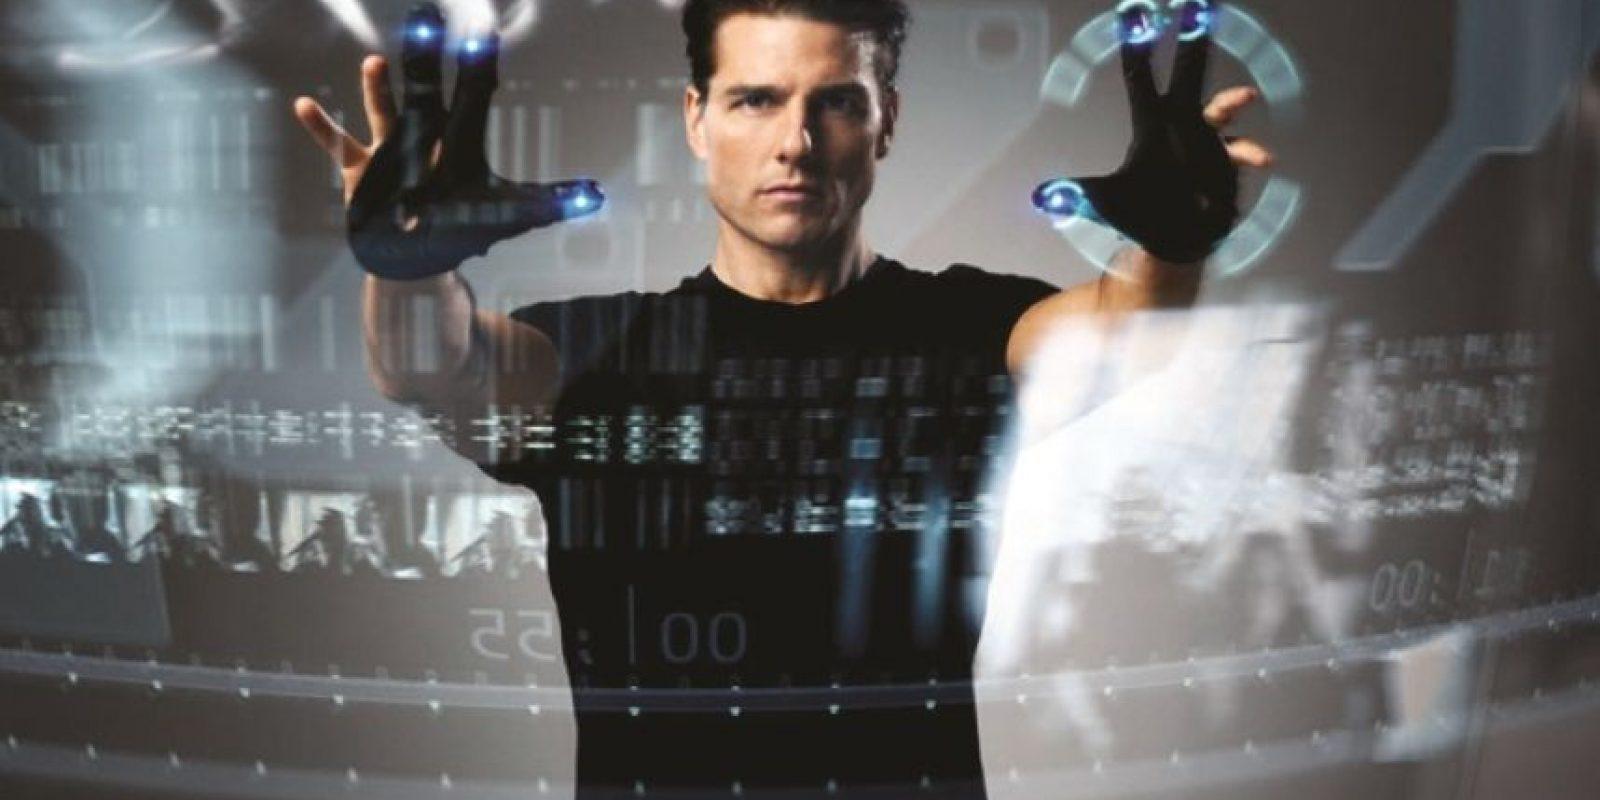 PANTALLA TÁCTIL CONTROLADA: pesar de que hoy ya tenemos teléfonos y computadores con pantalla táctil, aun estamos muy lejos de lo que se ve en película Minority Report. Lo más cerca que hemos llegado es el auricular HoloLens que promete a los usuarios la capacidad de controlar imágenes holográficas en 3D. Foto:GUANTEA